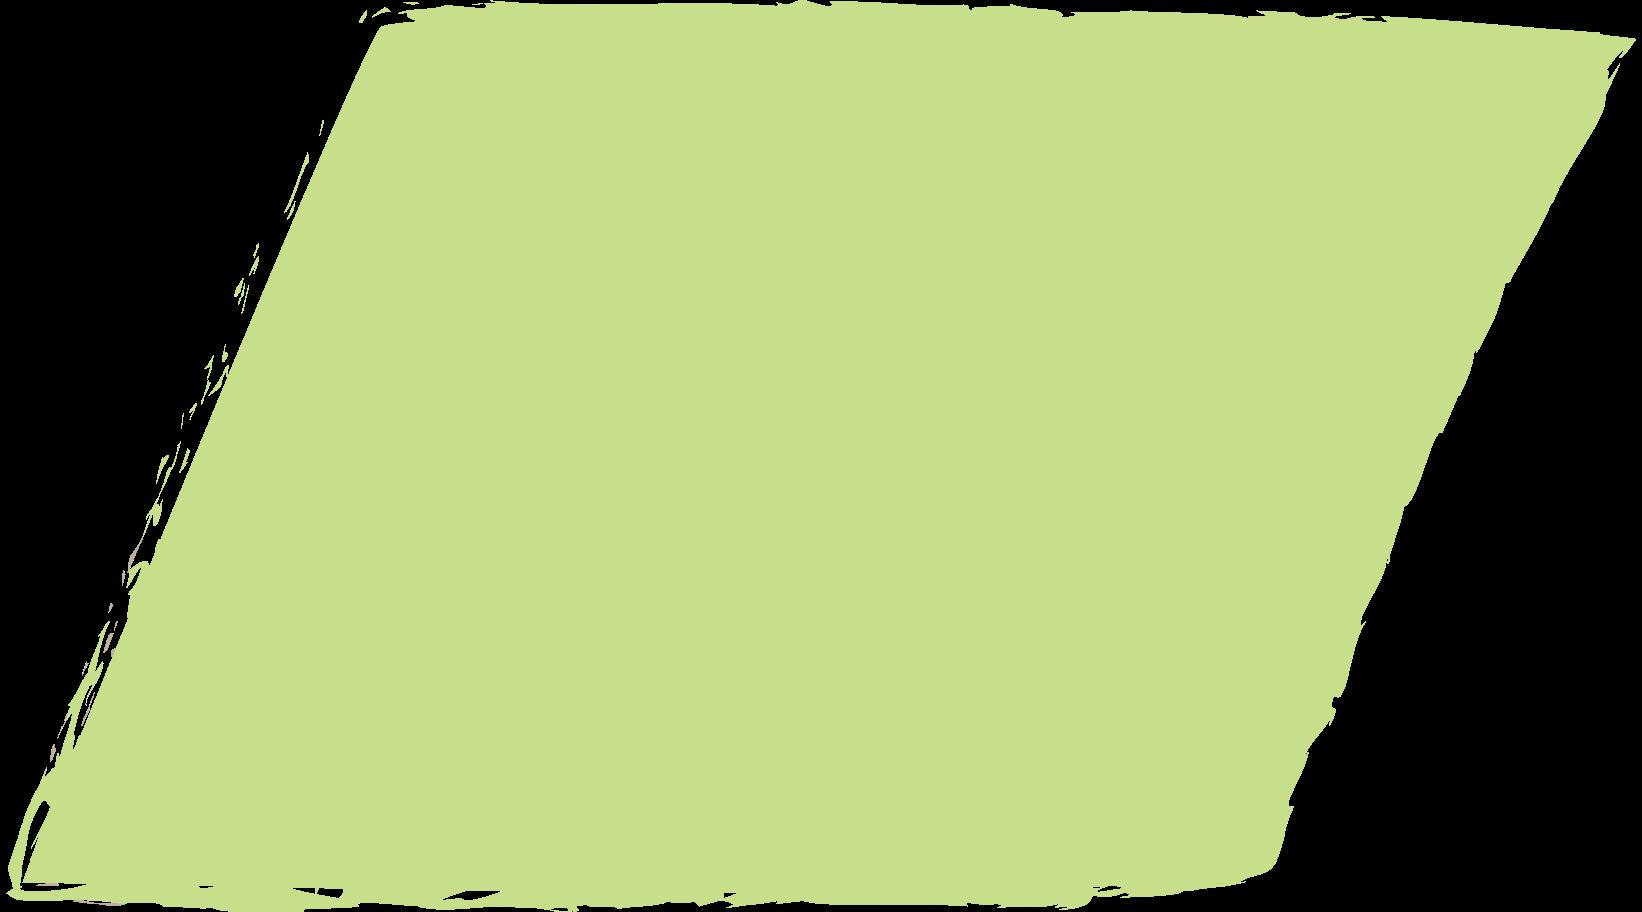 parallelogram-light-green Clipart illustration in PNG, SVG